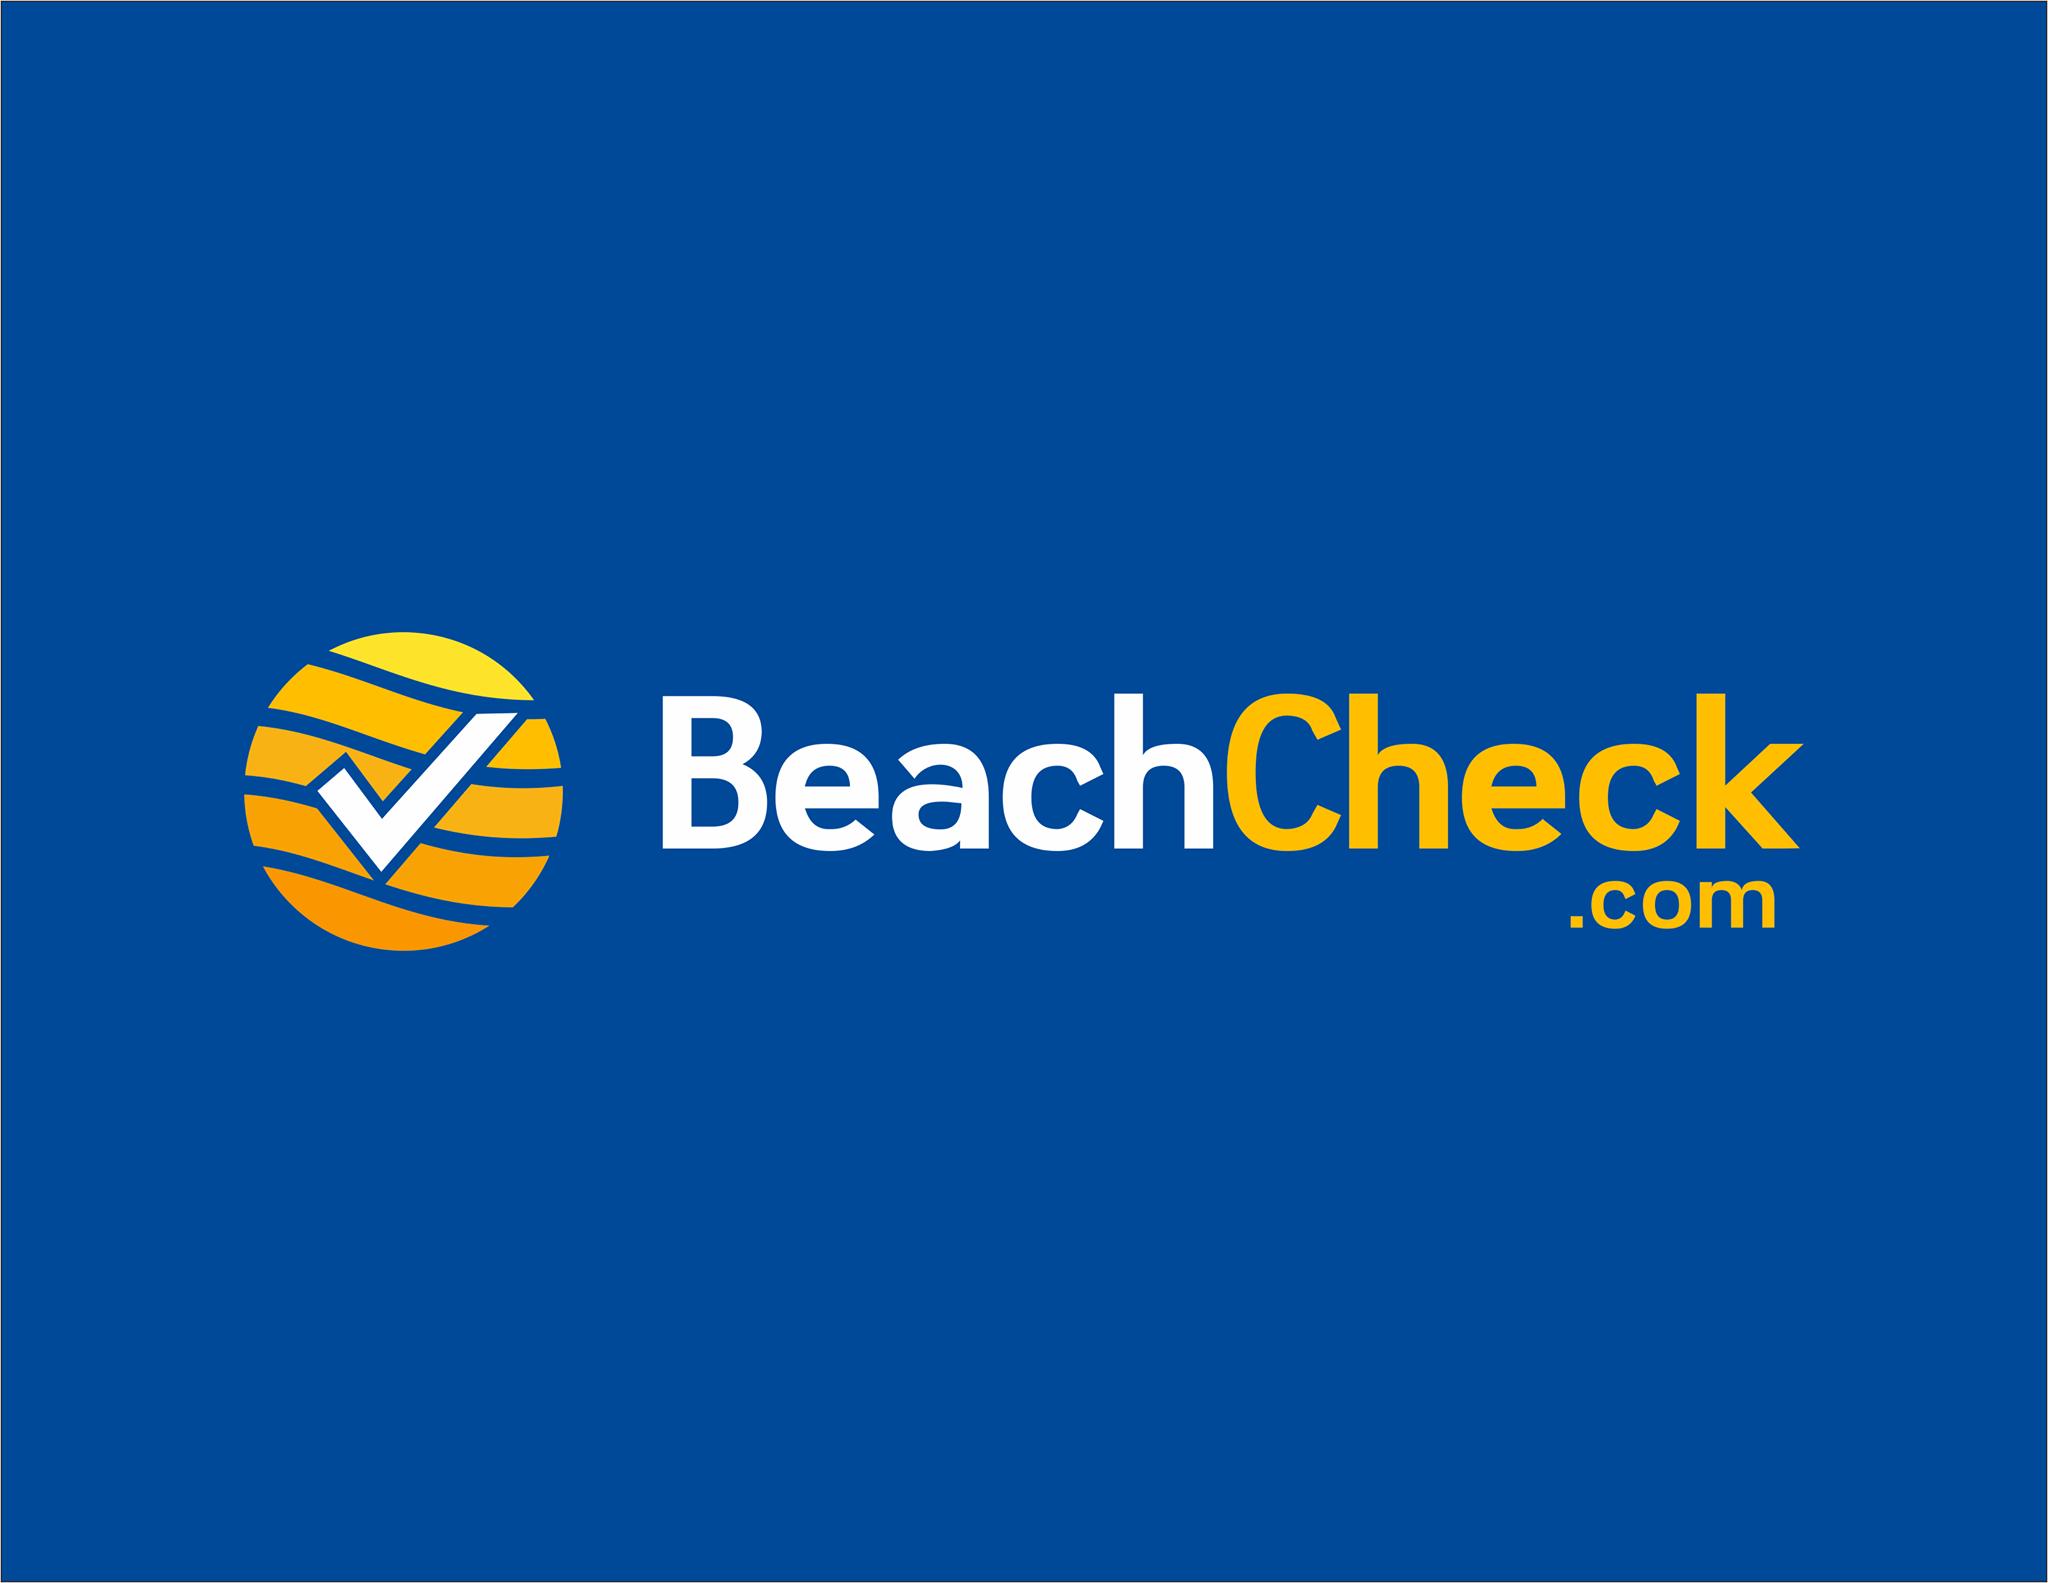 Beachcheck.com reviews, beoordelingen en ervaringen